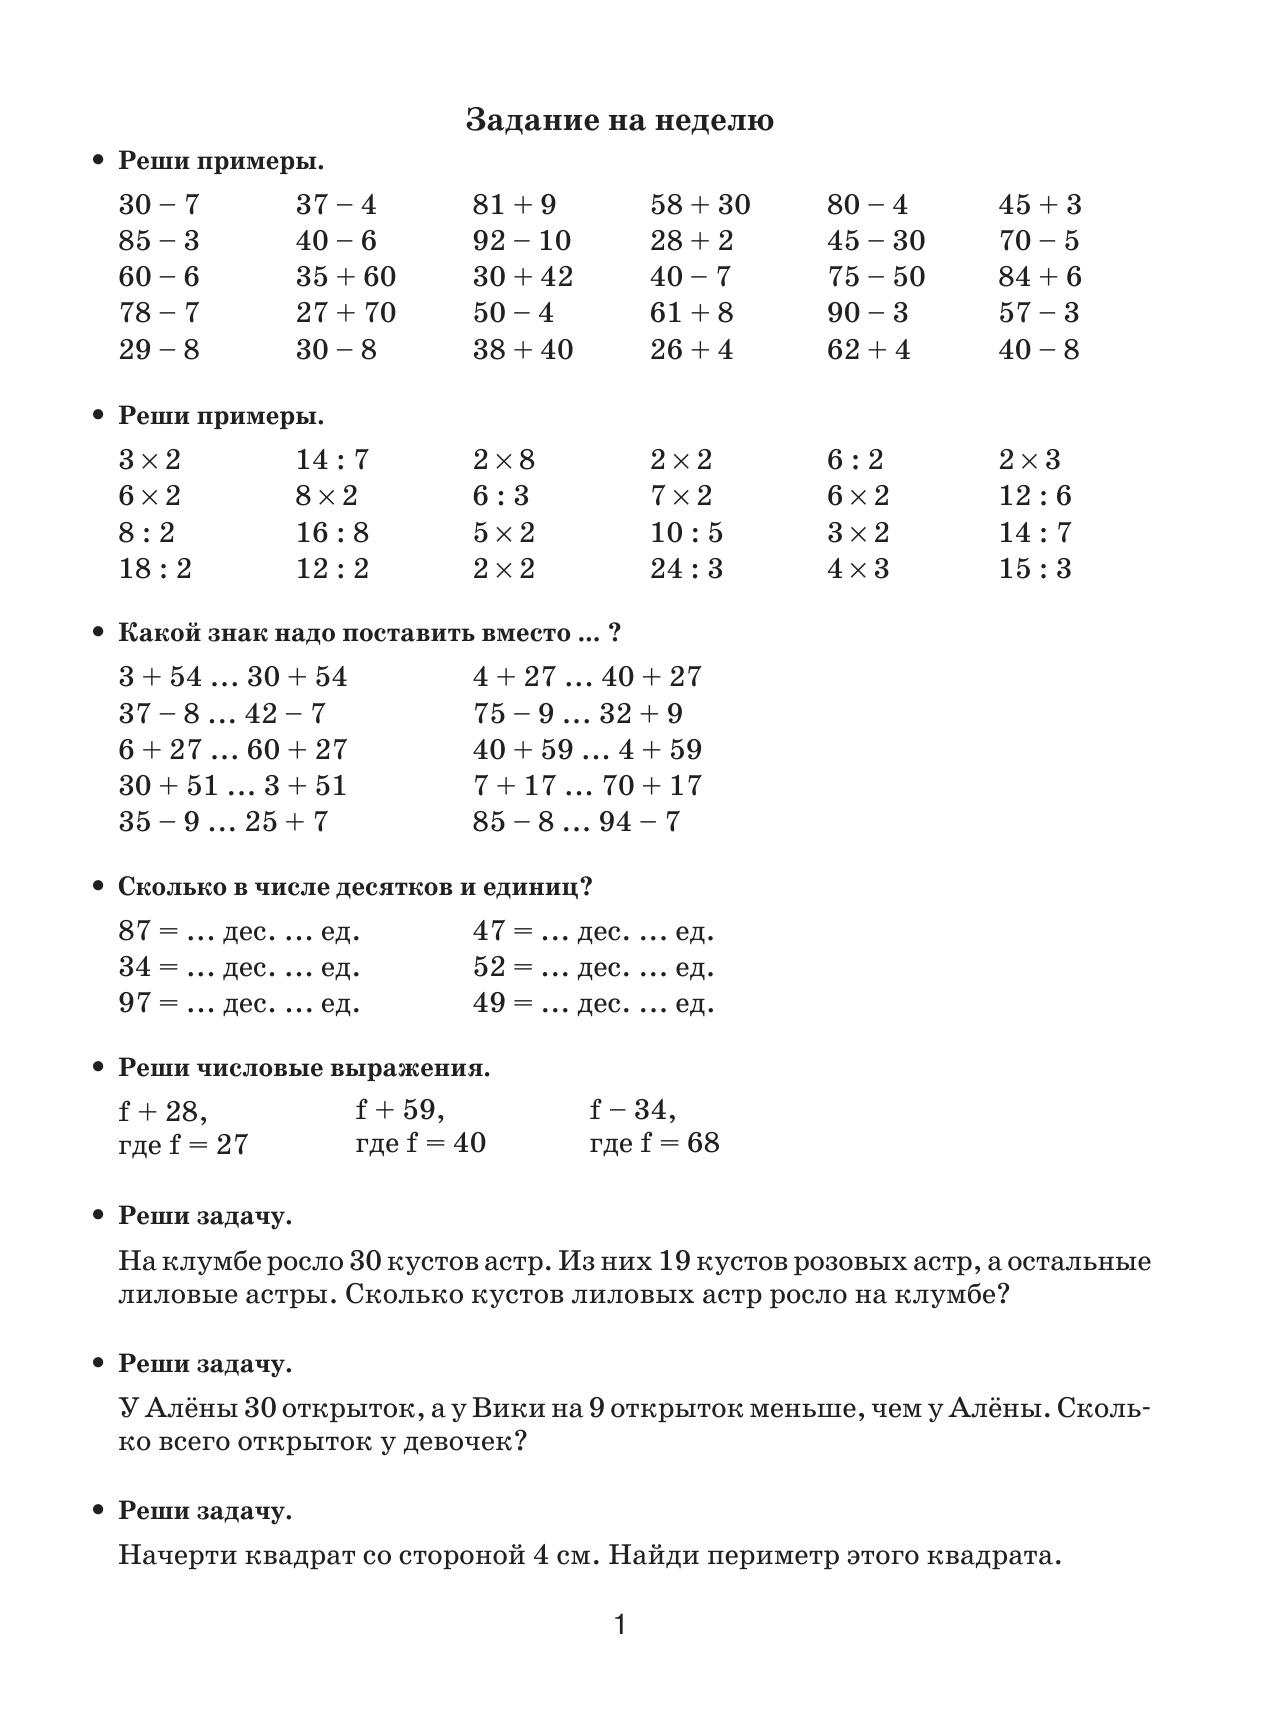 Задания для закрепления по математике 3 класс